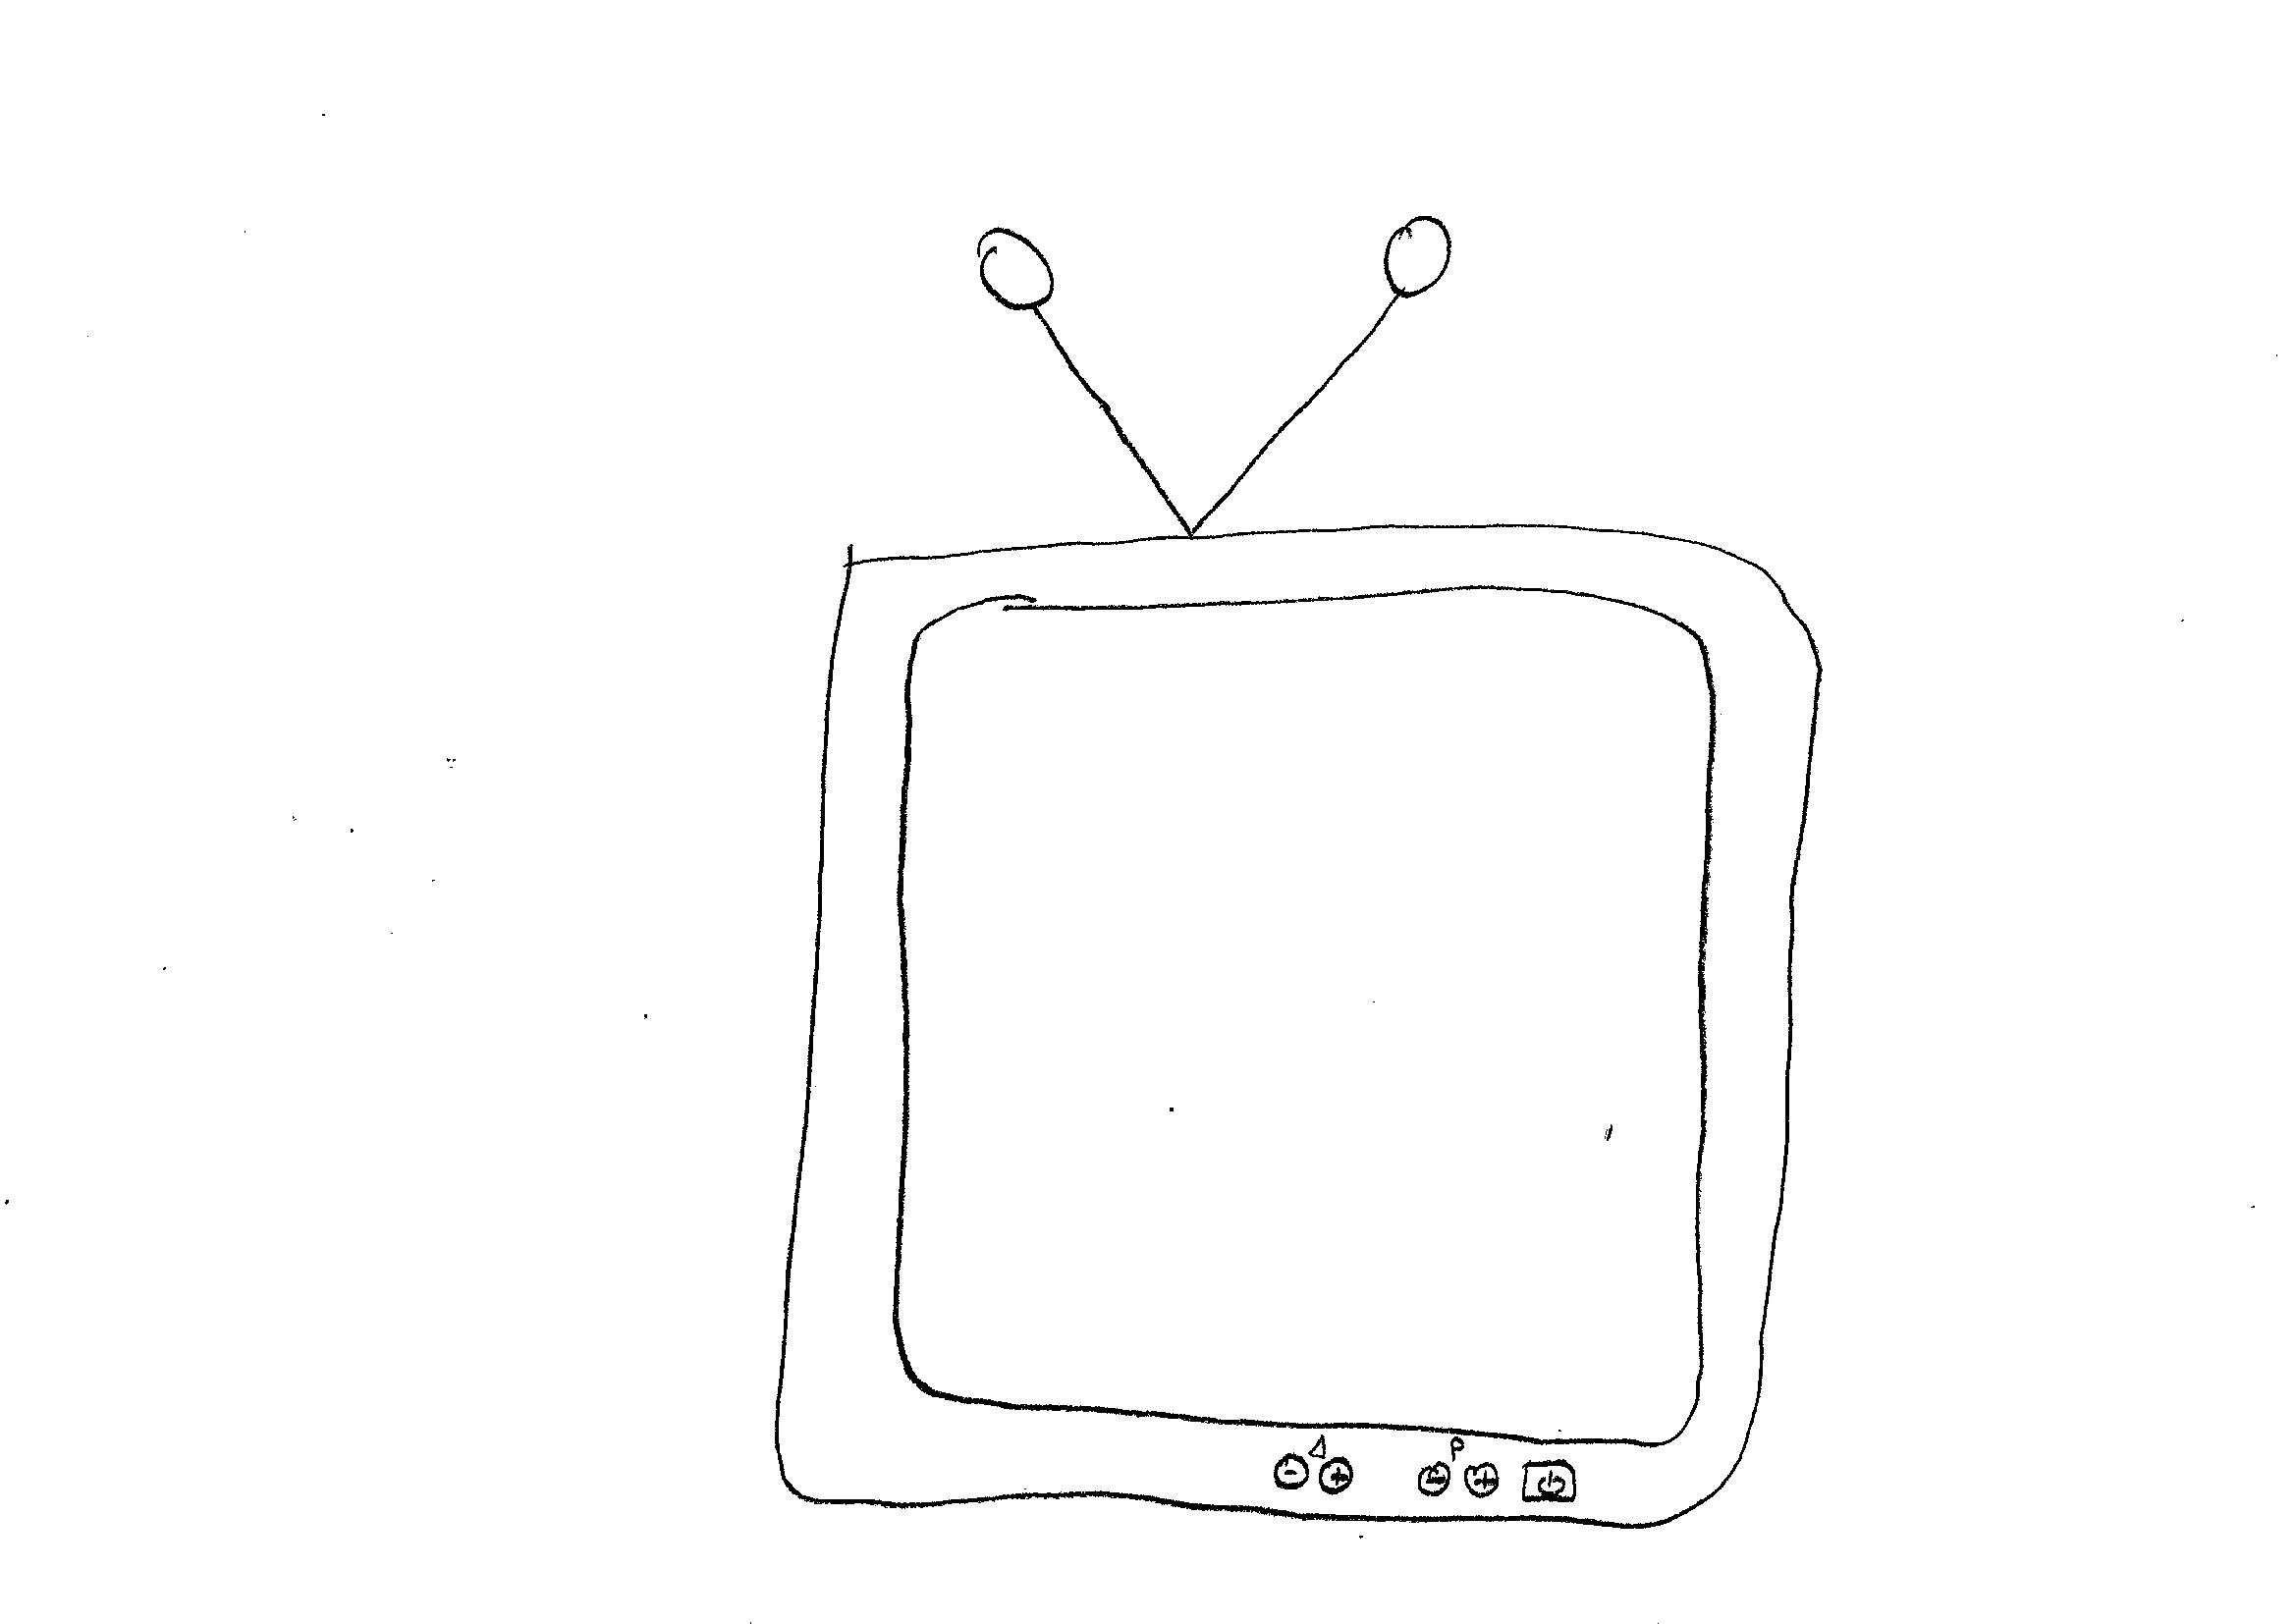 Disegno Televisione Da Colorare.Disegni Da Colorare Bambini I Televisione